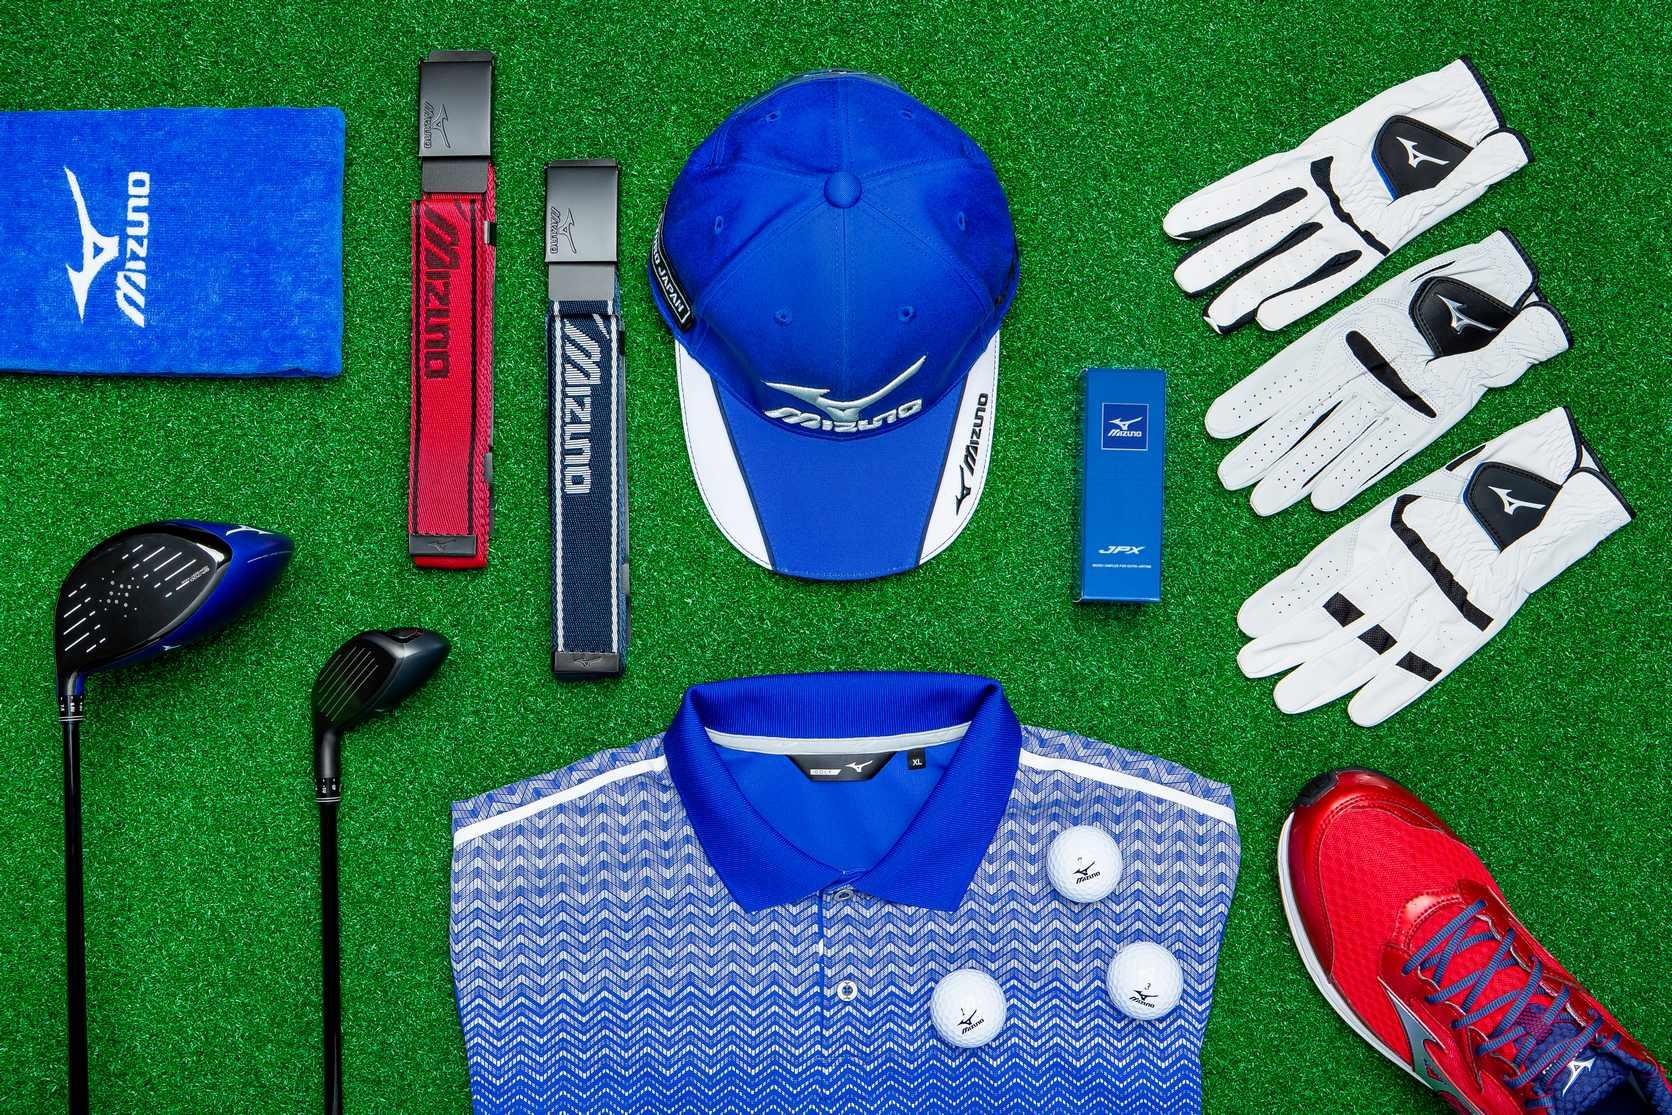 Sprzęt do gry w golfa Bogigolf